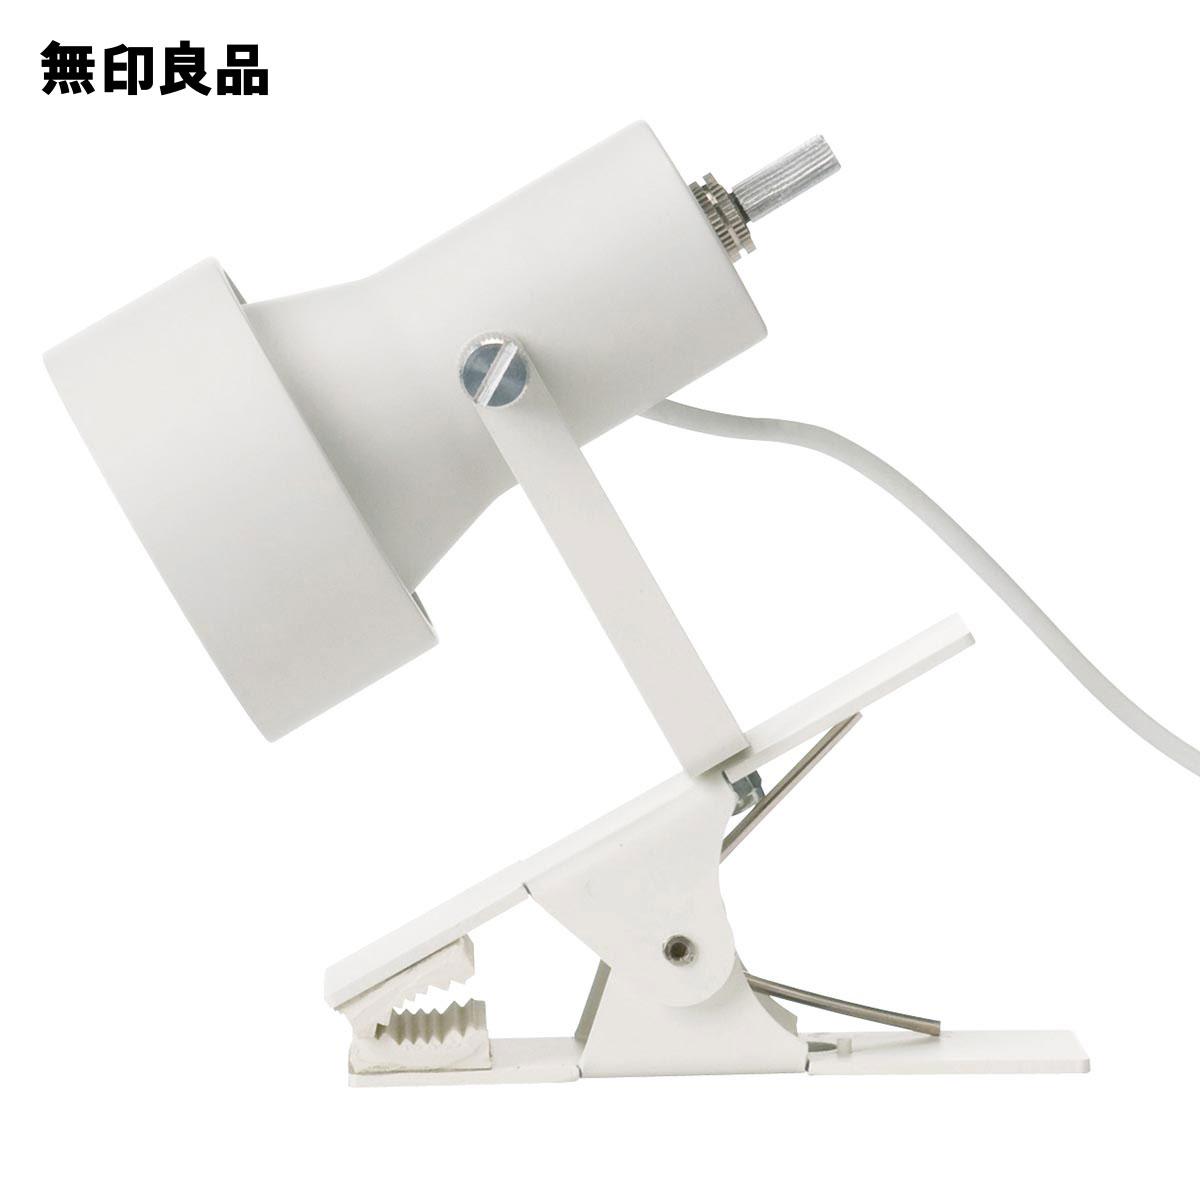 【無印良品 公式】LEDクリップライト 型番:MJ1108